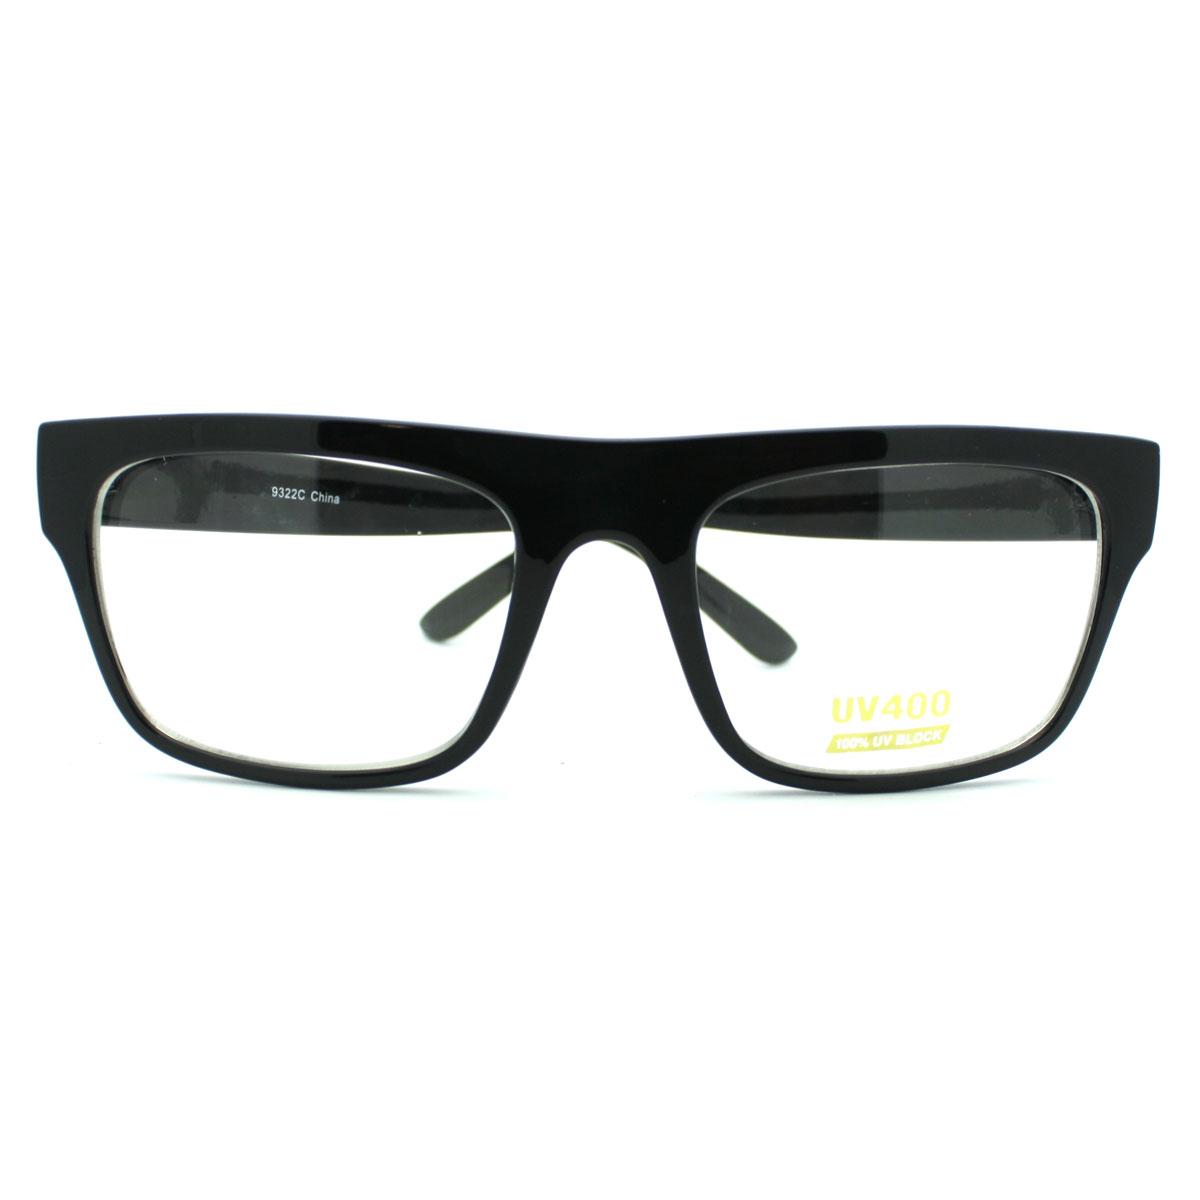 Glasses Frames Black On Top Clear On Bottom : Black Nerdy Square Rectangular Horn Rimmed Clear Lens ...